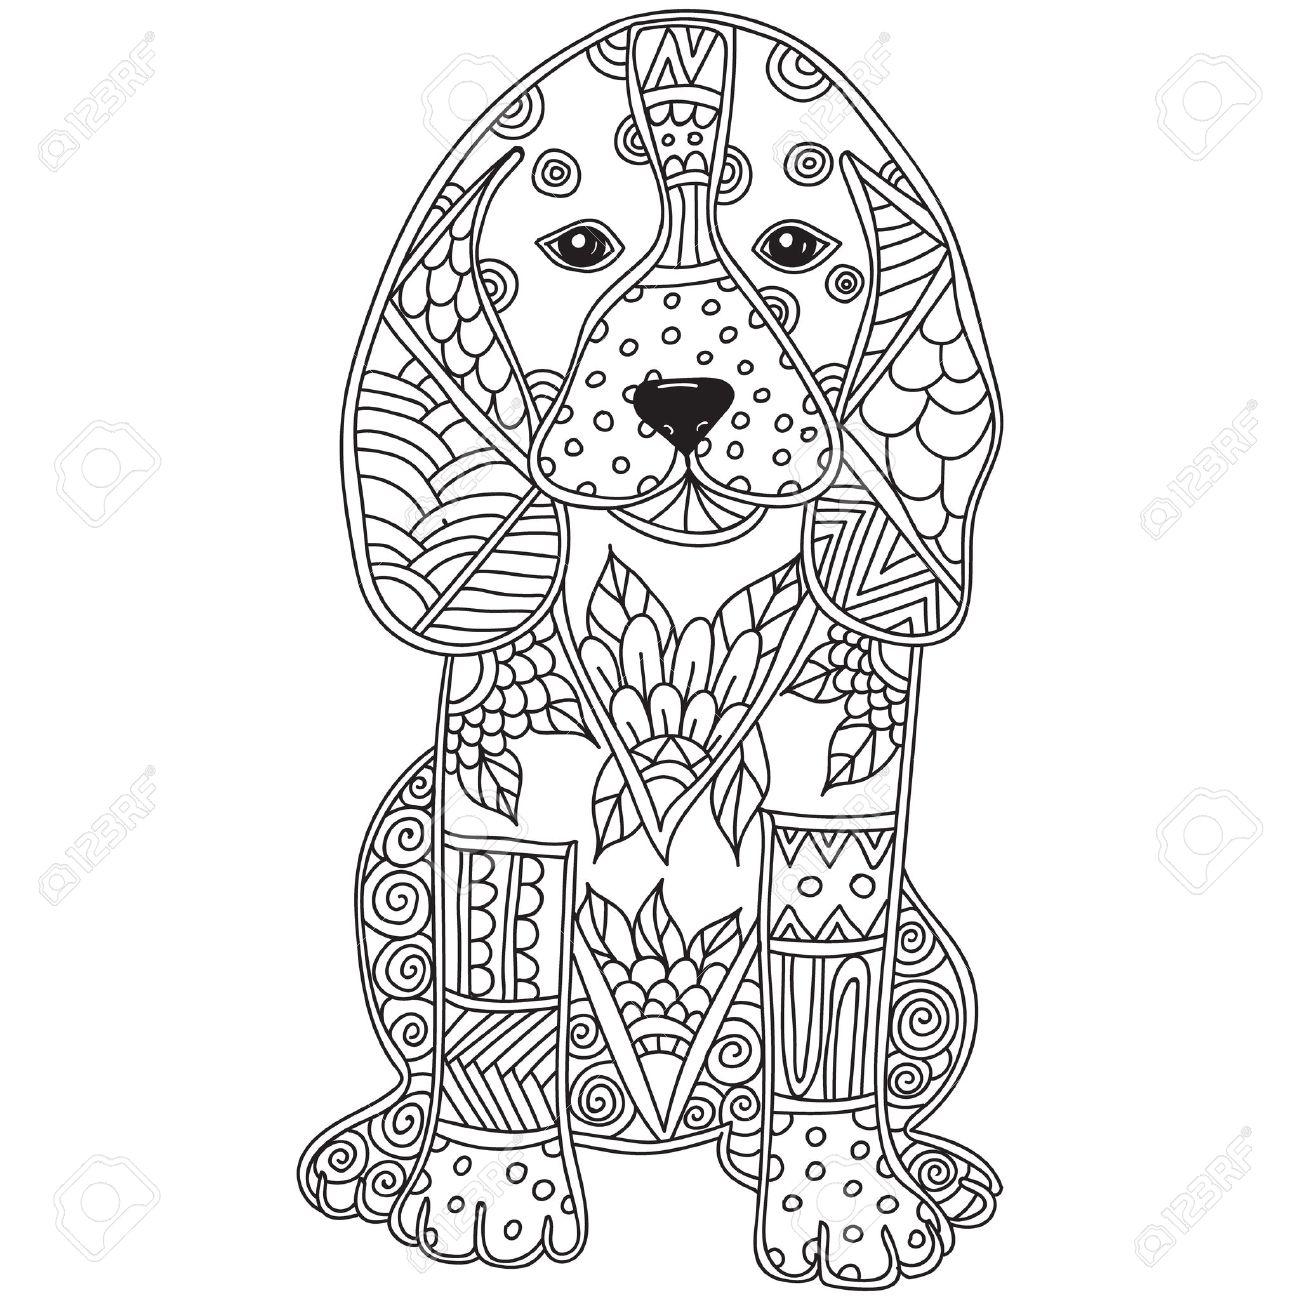 Colorear Antiestrés O Niños Perro Adulto. Dibujado A Mano Doodle Del ...